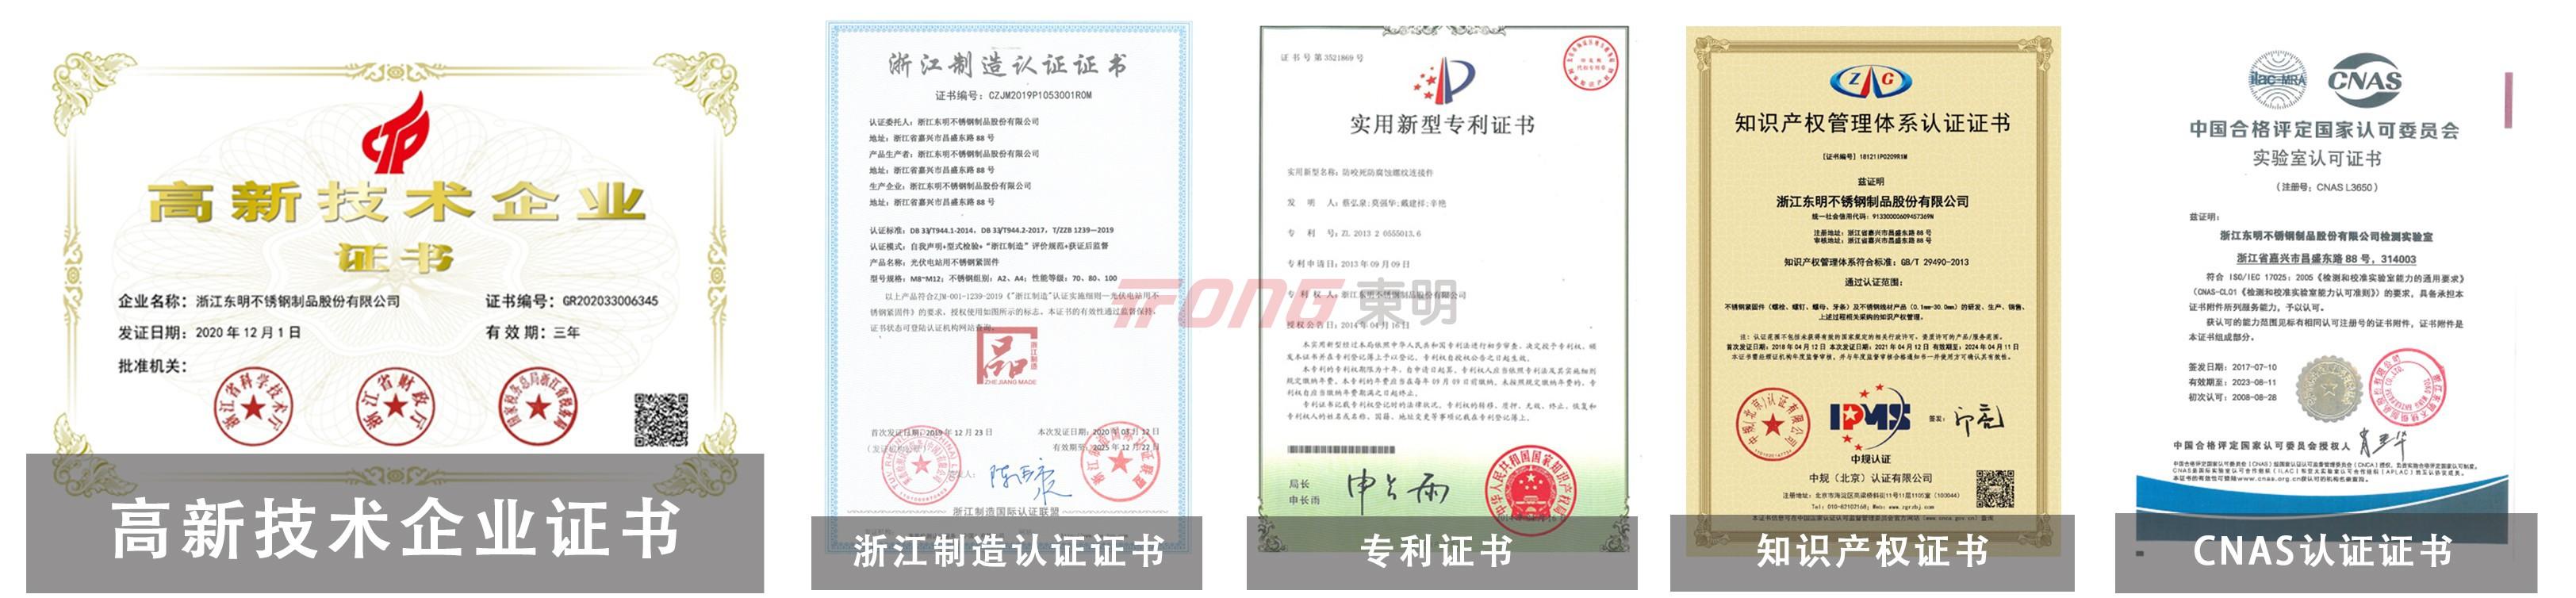 20210927官网证书更新.jpg